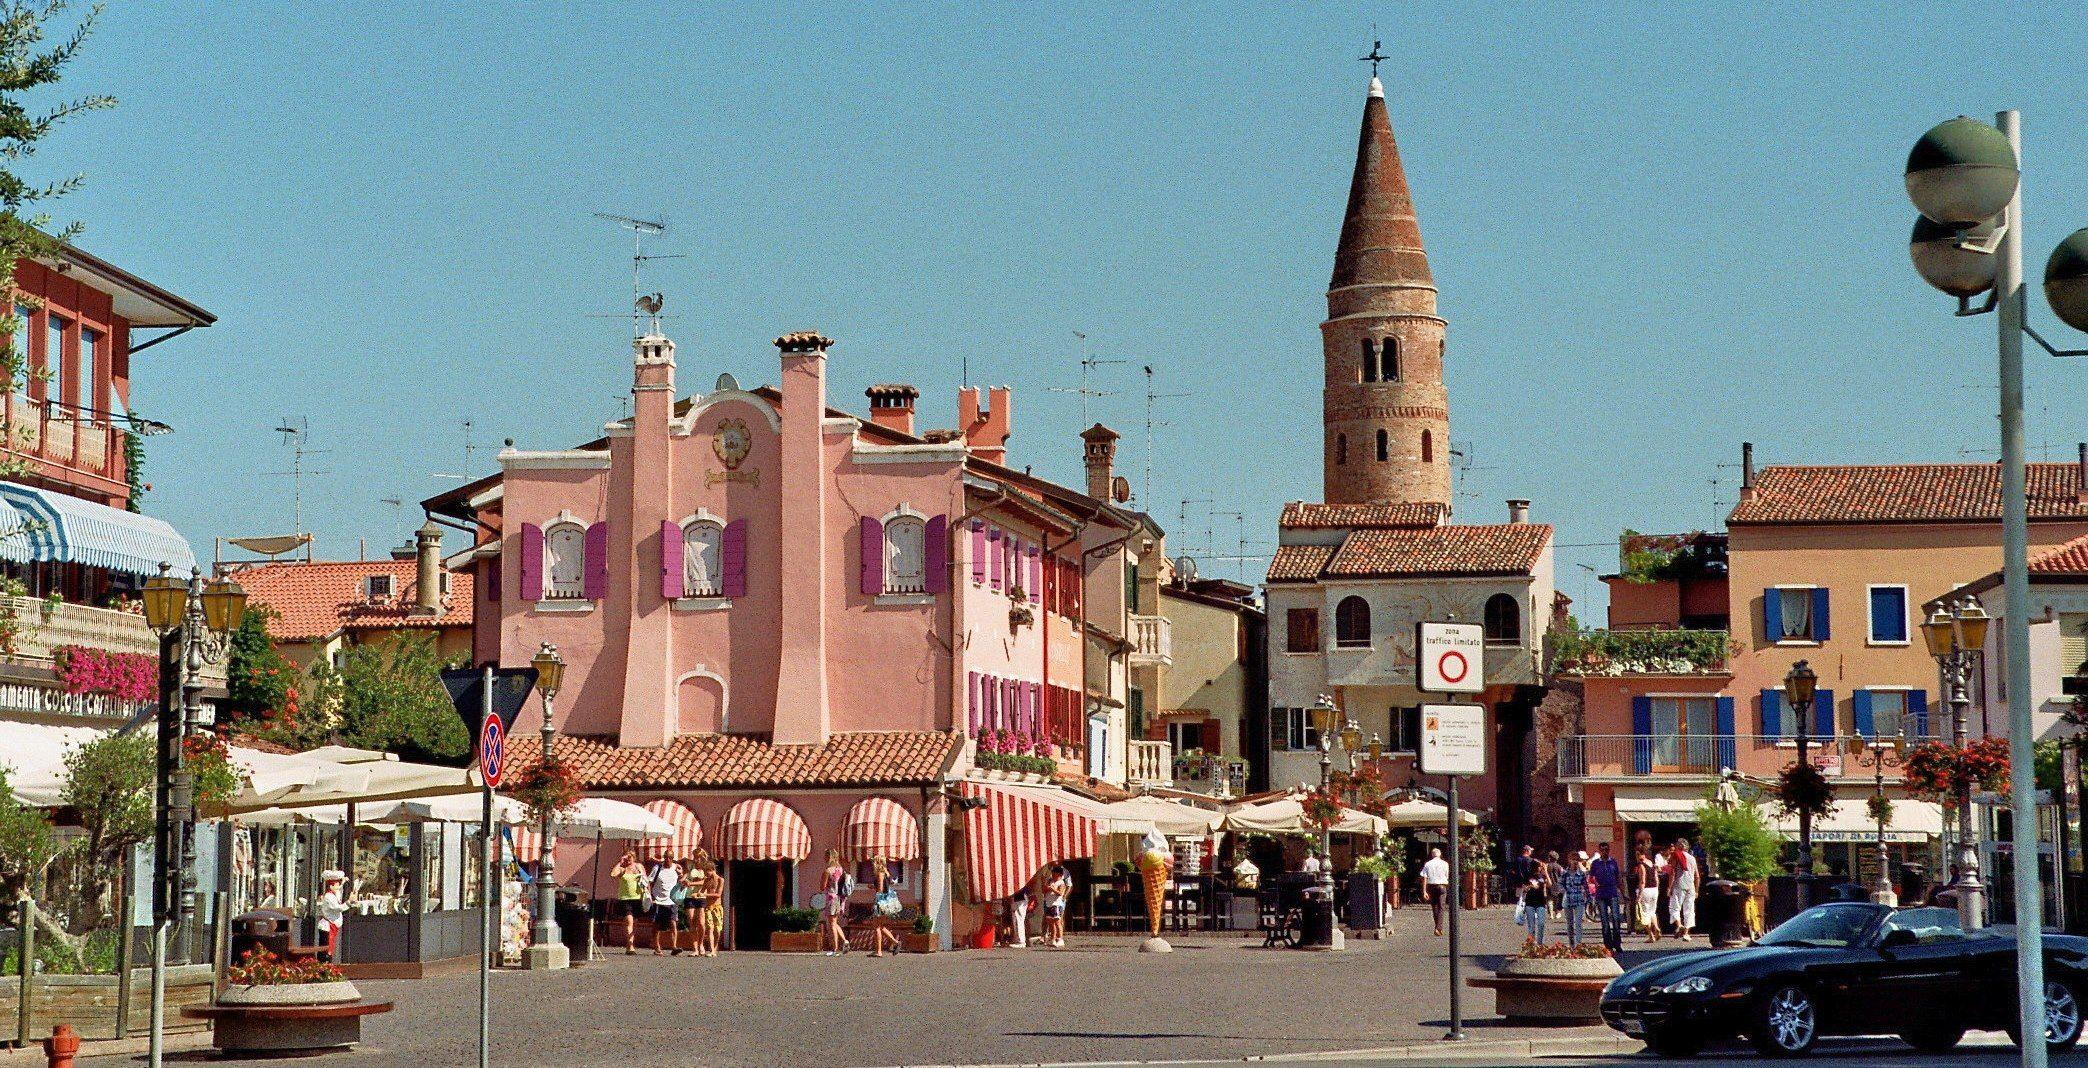 Caorle Italien Altstadt